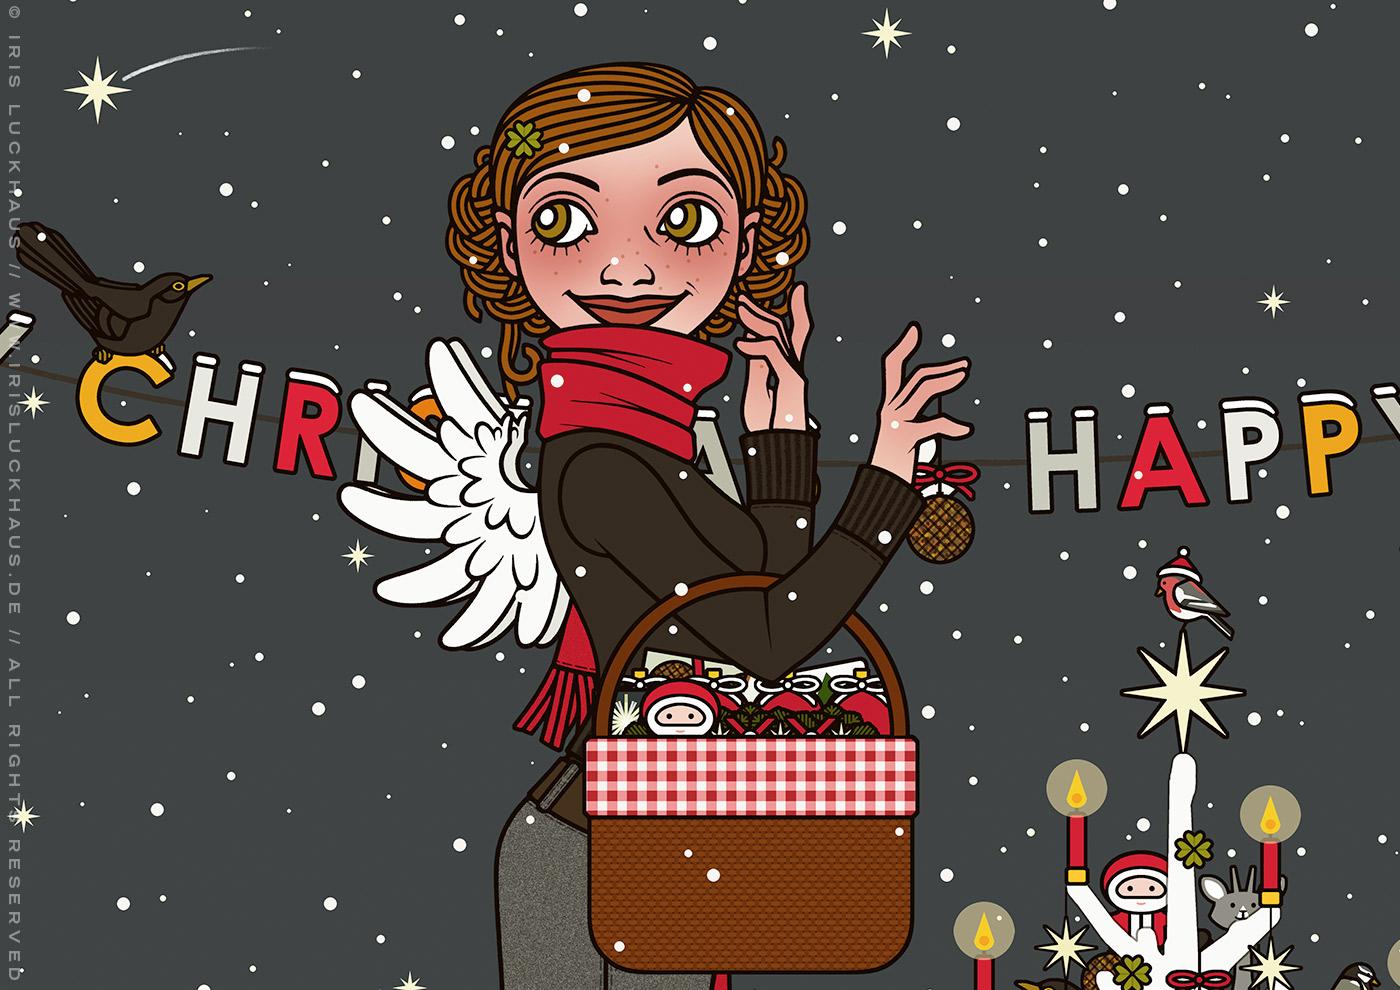 Ausschnitt aus der Zeichnung von einem Mädchen mit Engelsflügeln, das im Schnee im winterlichen Parkmit einem Picknickkorb Geschenke verteilt und einen Weihnachtsbaum mit Meisenknödeln schmückt, für Lily Lux